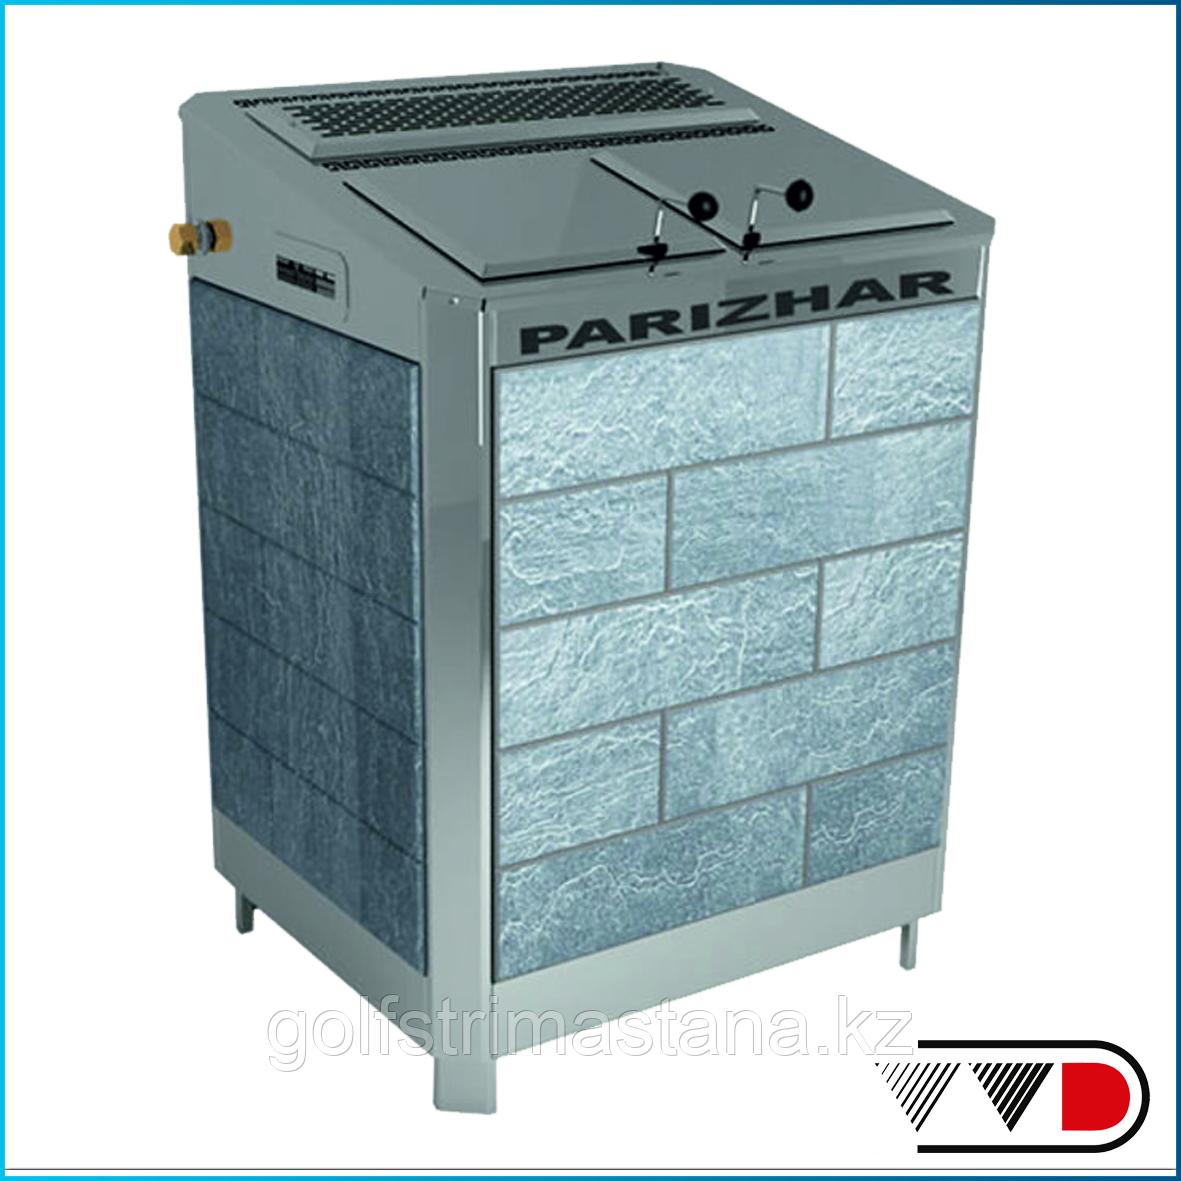 Электрическая паротермальная печь «ПАРиЖАР» 18 / 24 кВт (380 В) облицовка из природного камня